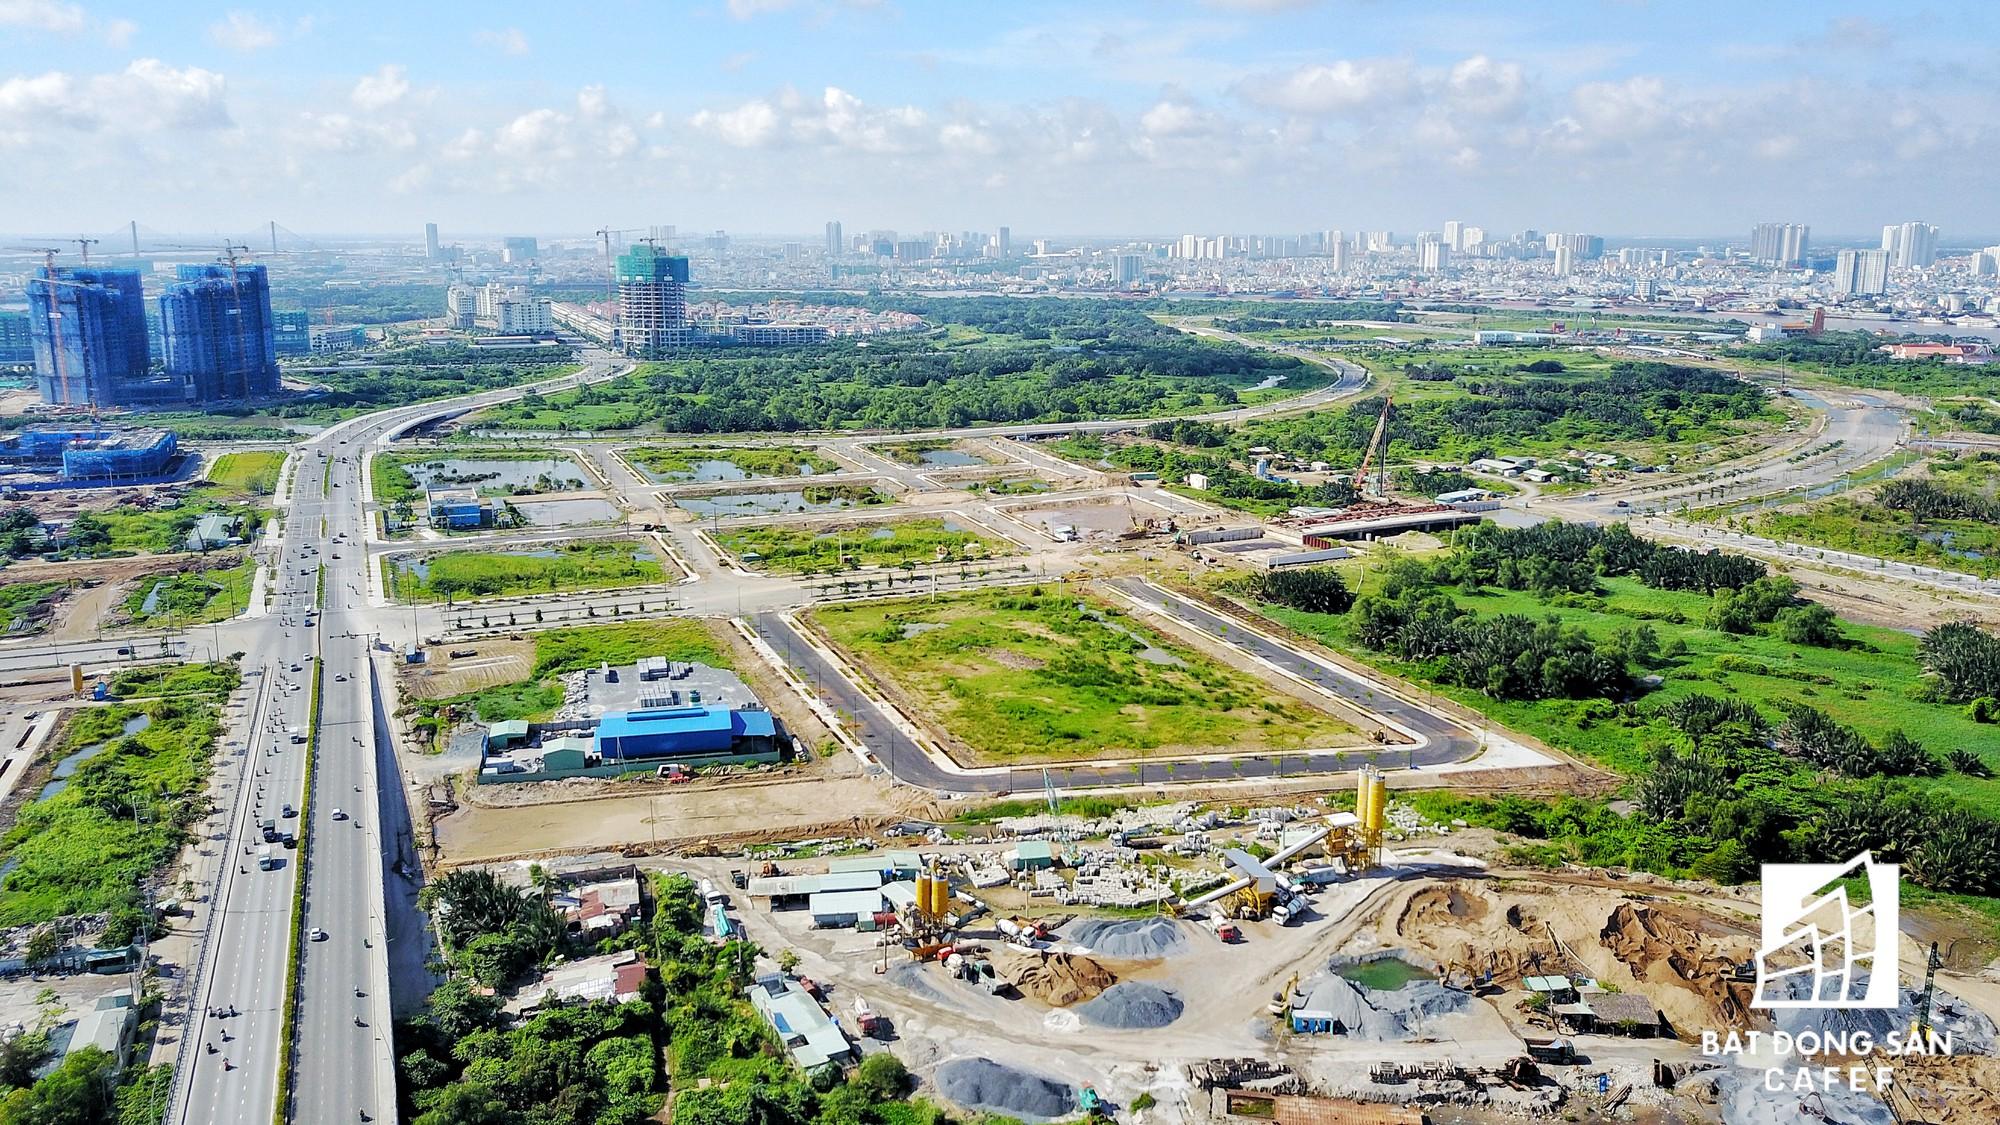 Toàn cảnh đô thị trung tâm Sài Gòn nhìn từ đỉnh tòa nhà cao nhất Việt Nam - Ảnh 23.